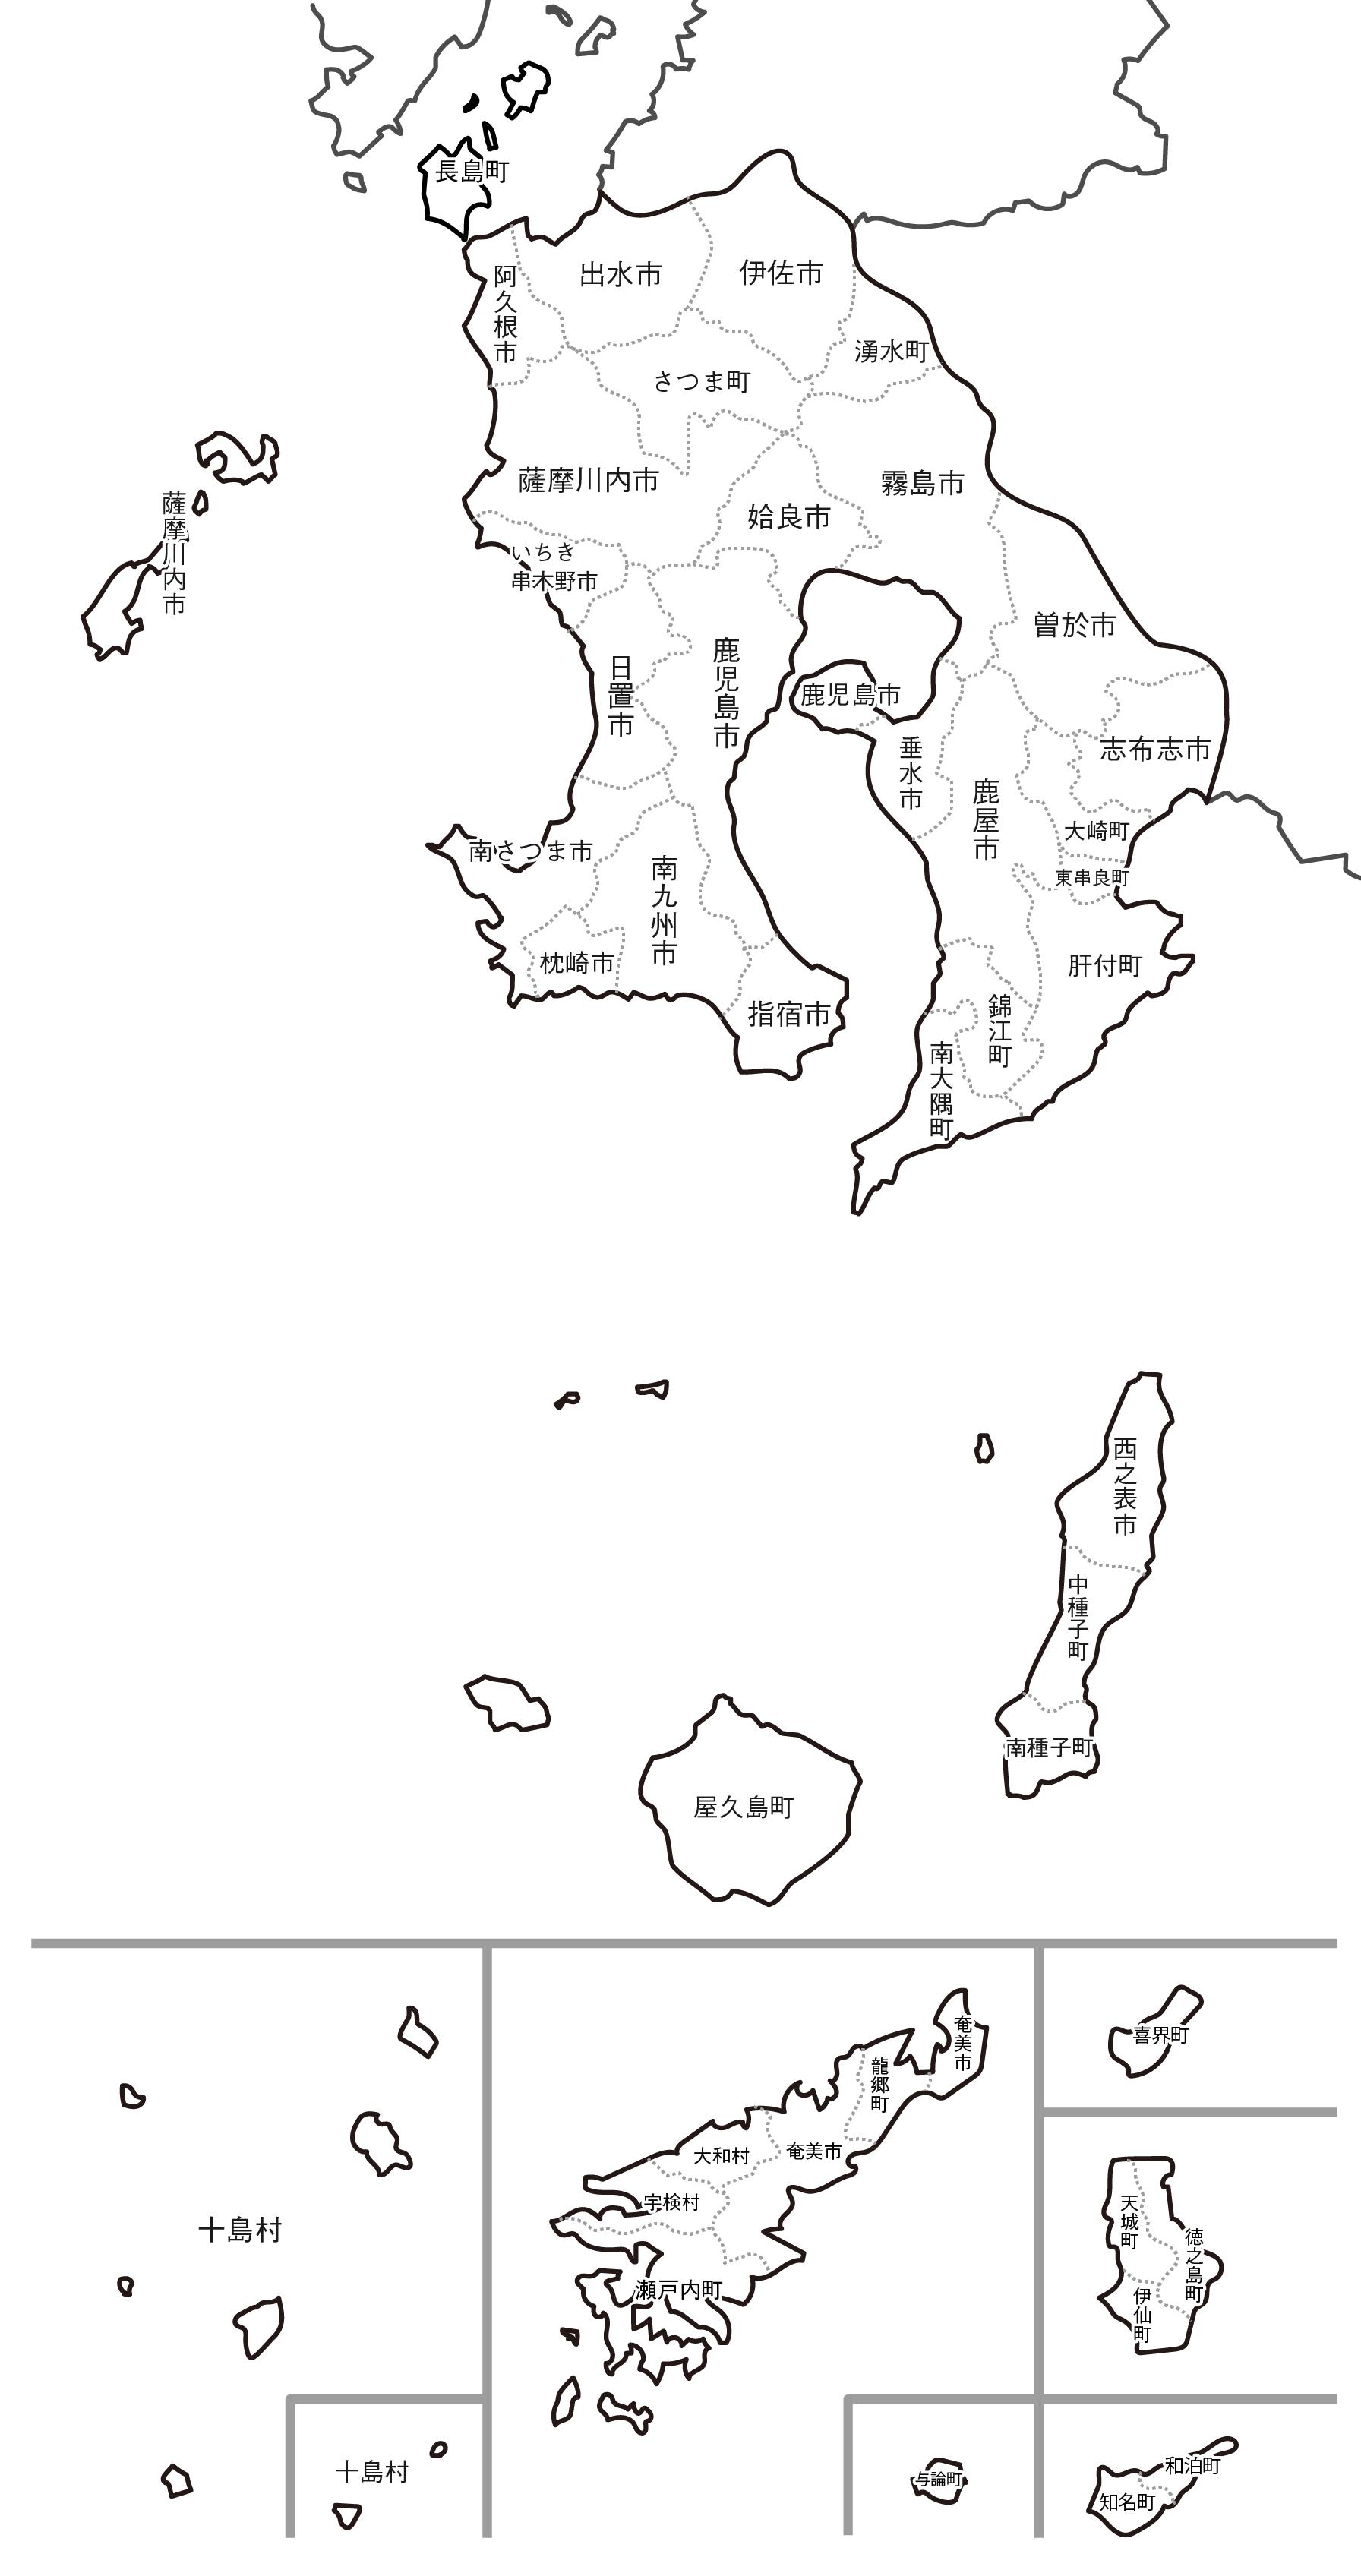 [白地図]鹿児島県・ラインあり・市区町村名あり・隣県あり